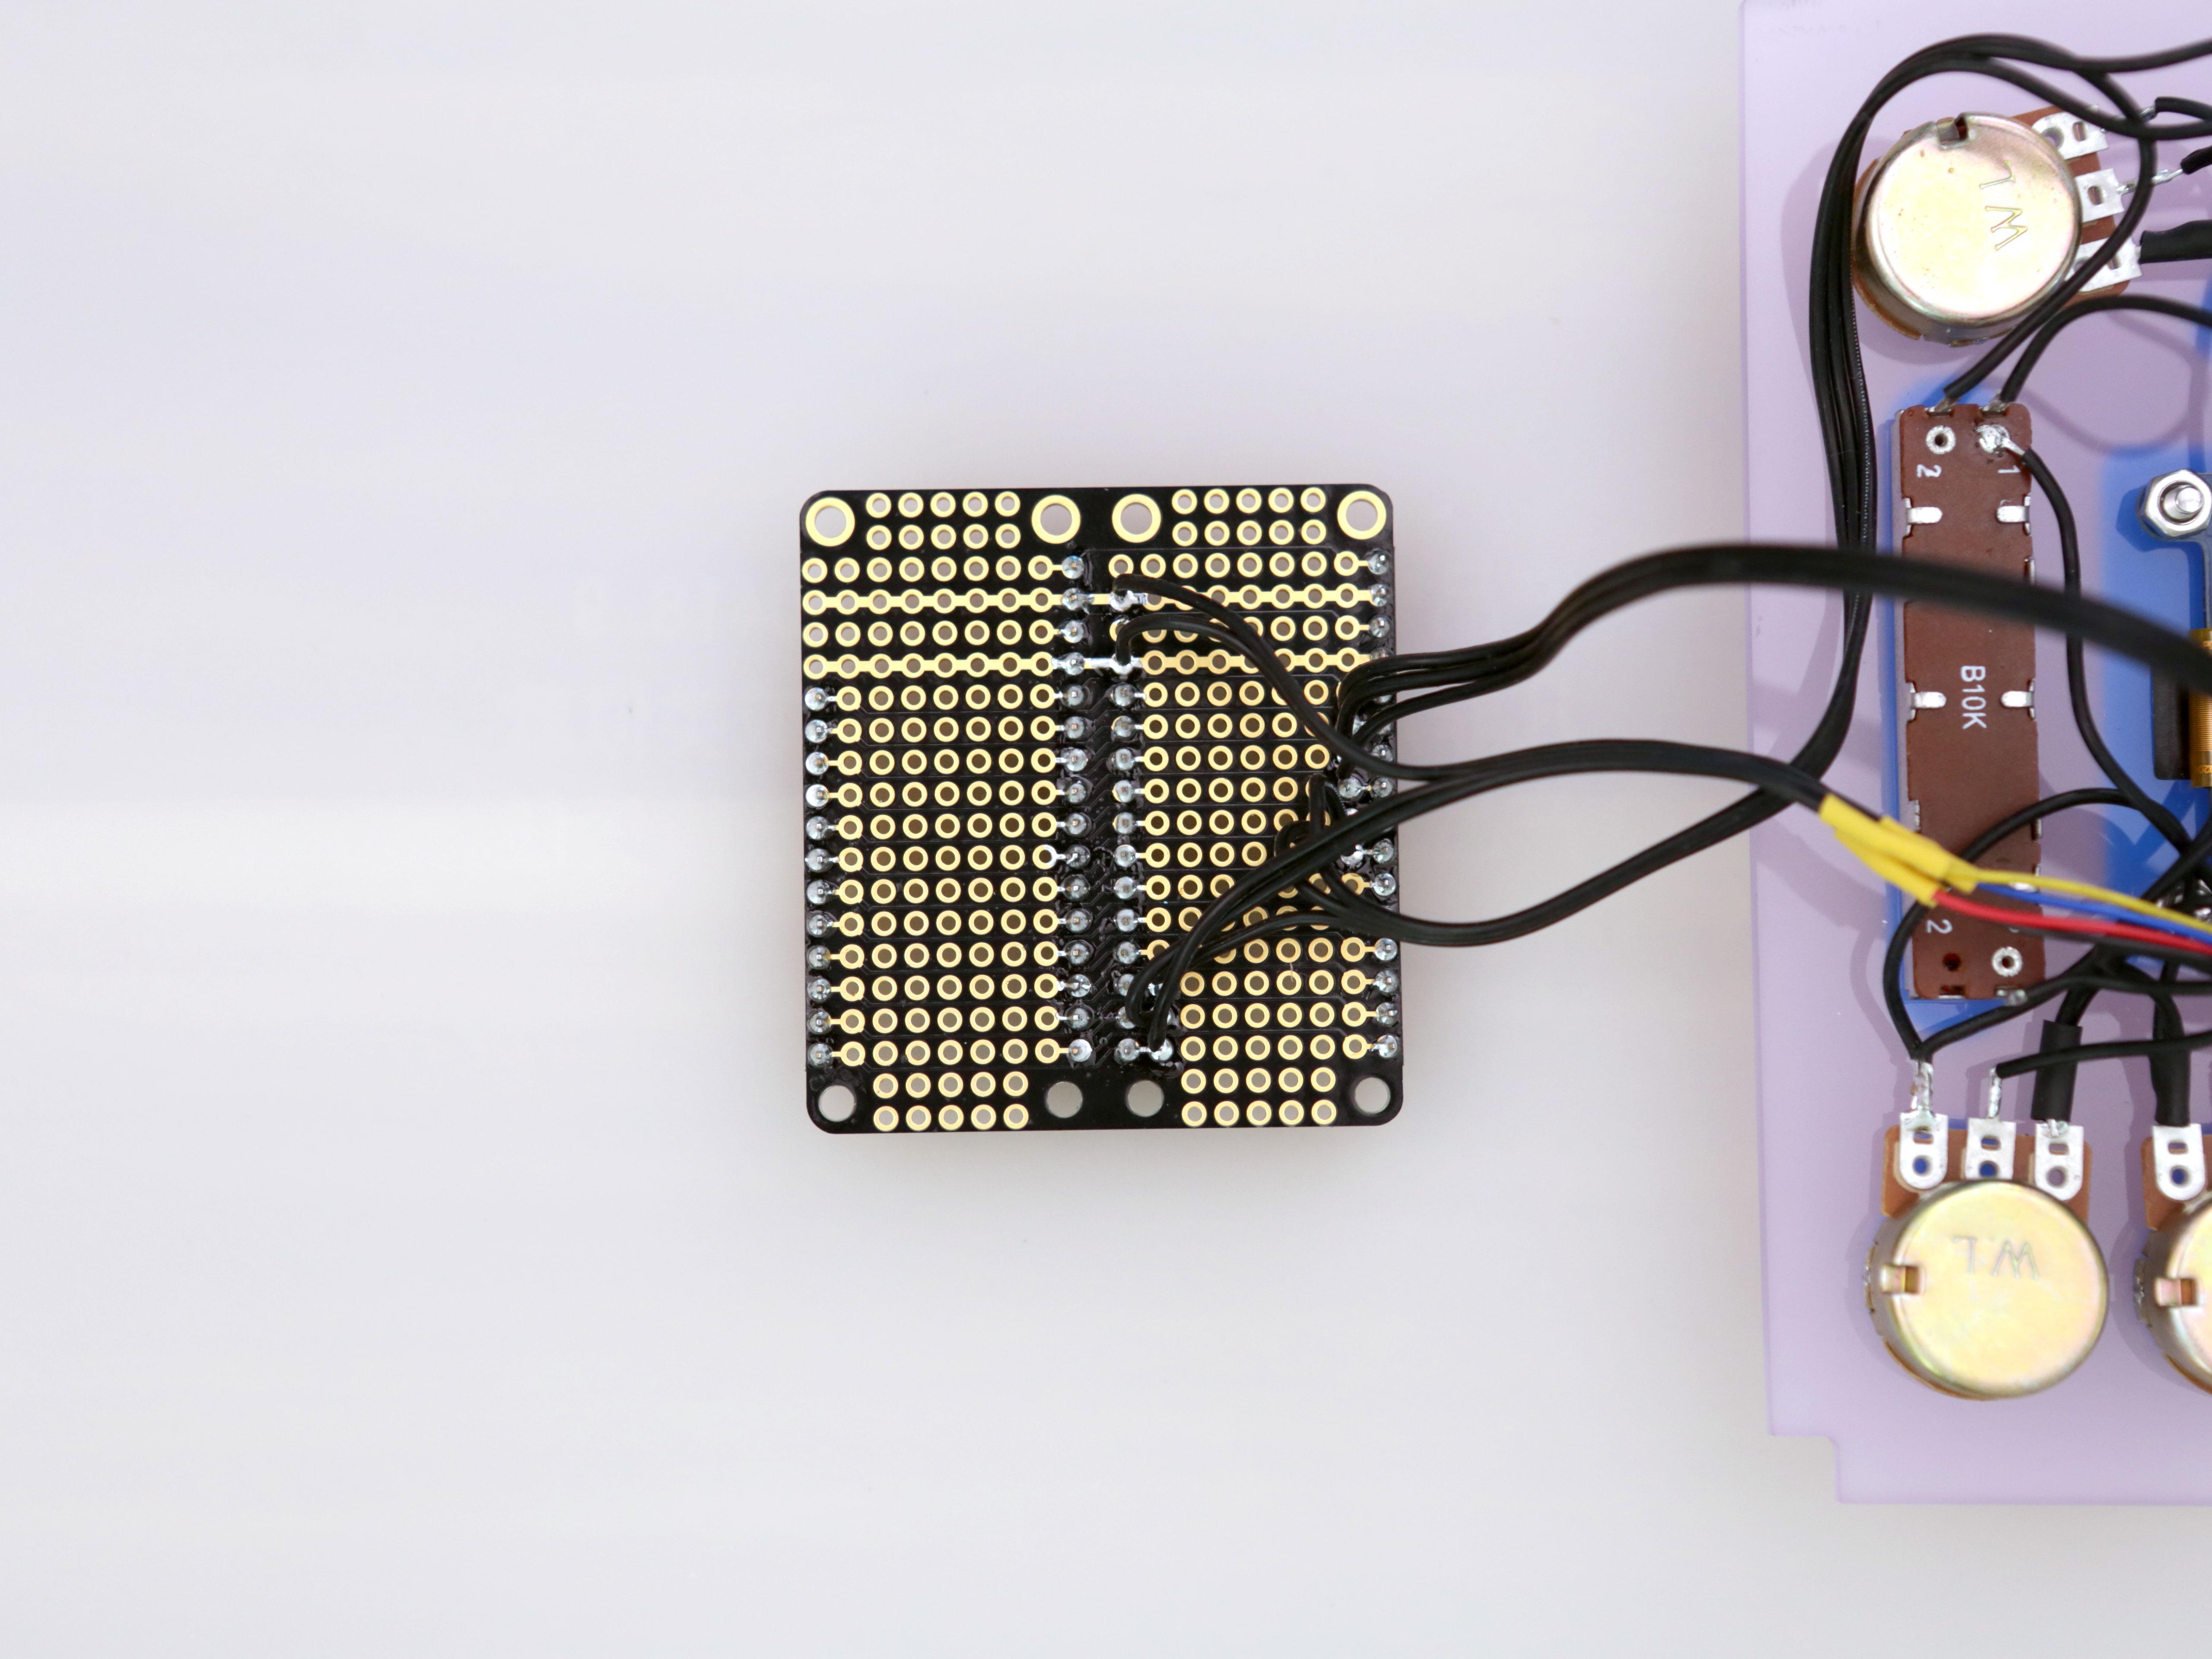 3d_printing_wiring-doubler.jpg